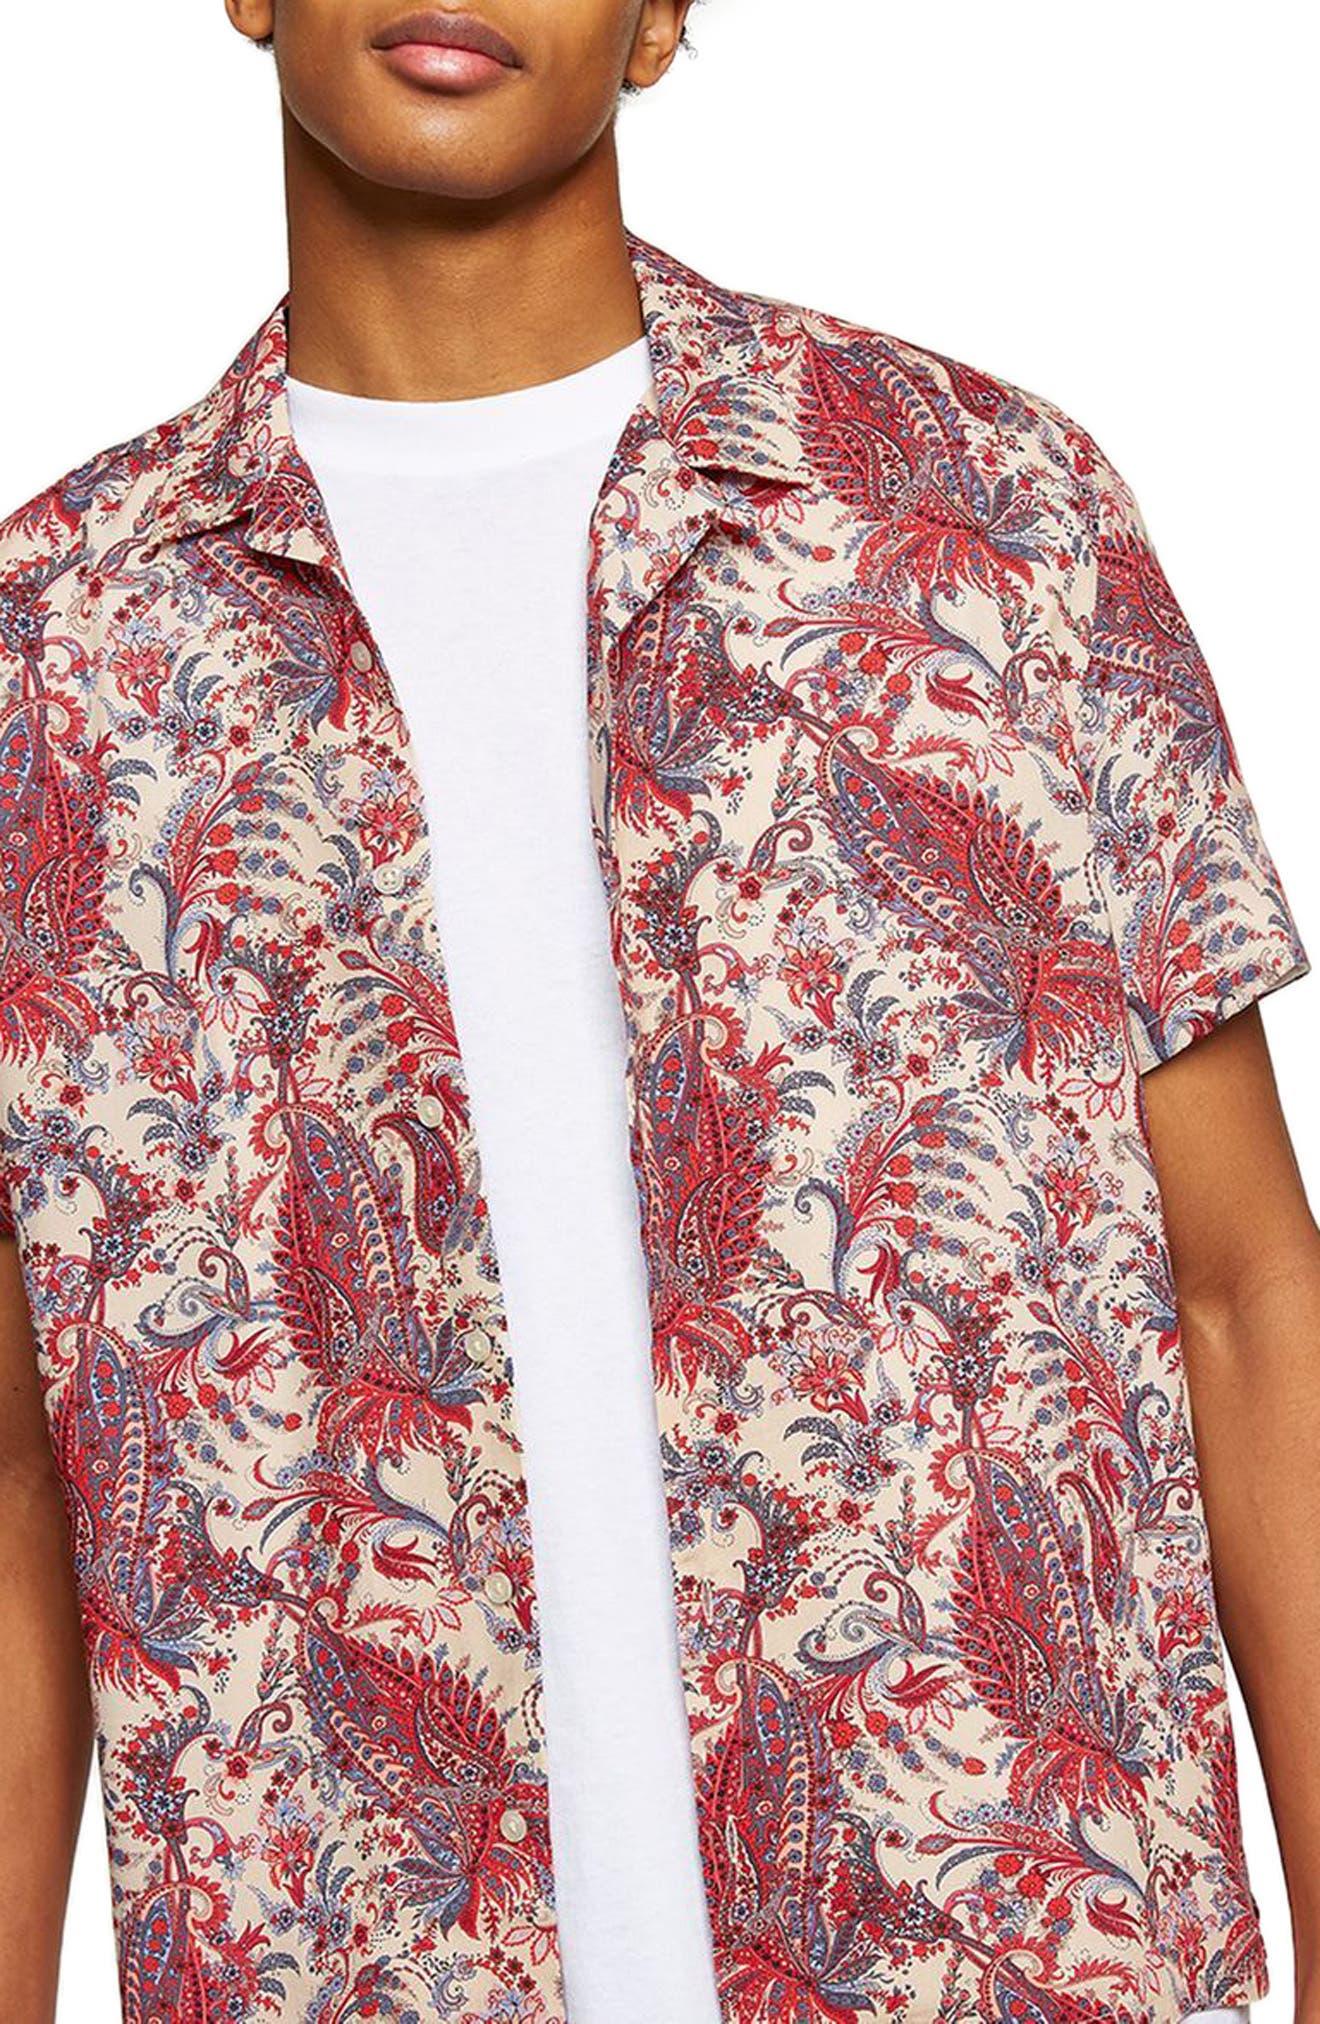 Paisley Camp Shirt,                             Main thumbnail 1, color,                             PINK MULTI